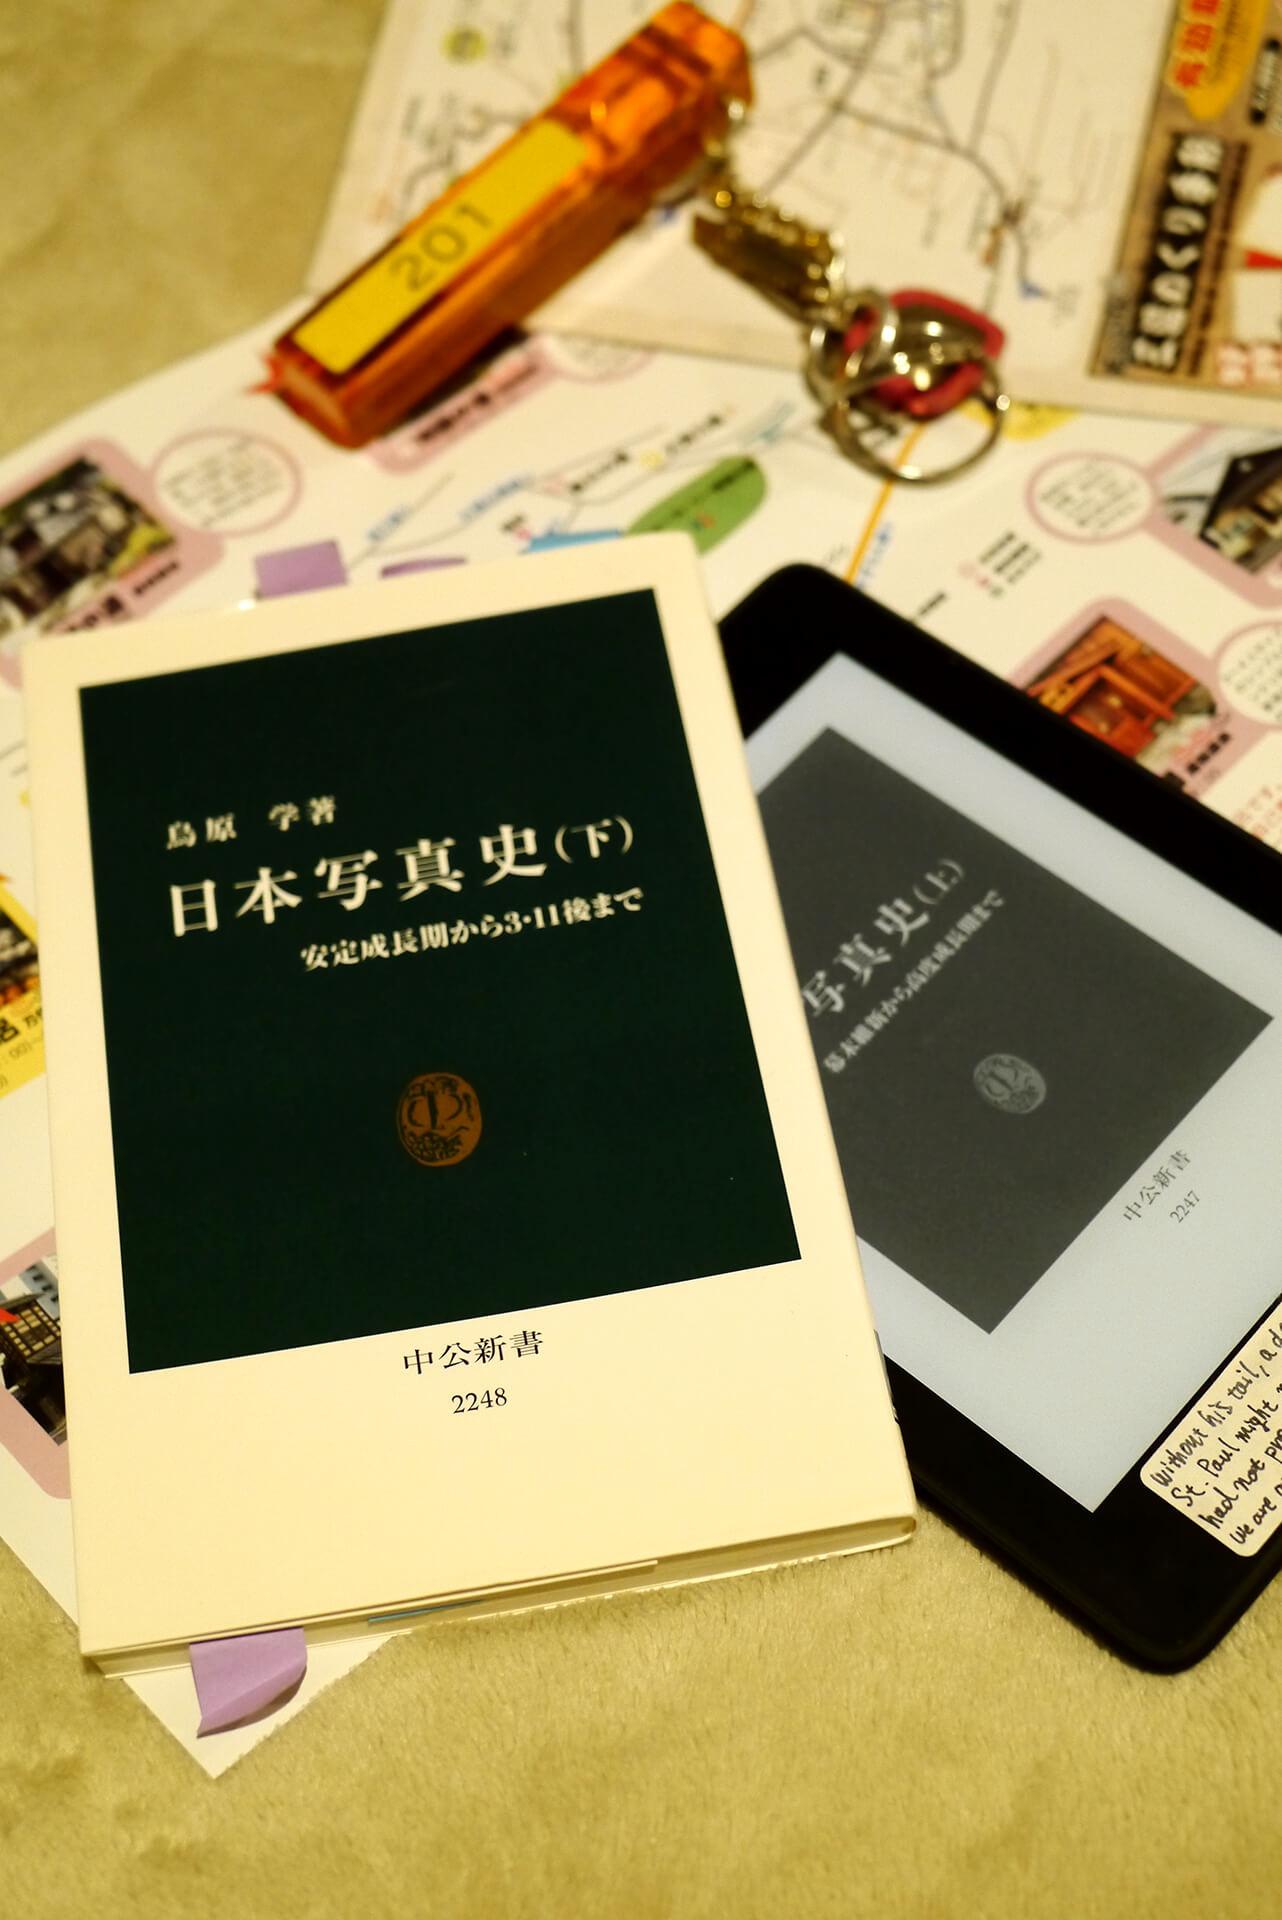 日本写真史 (上・下) 幕末維新から高度成長期まで/安定成長期から3・11後までの画像